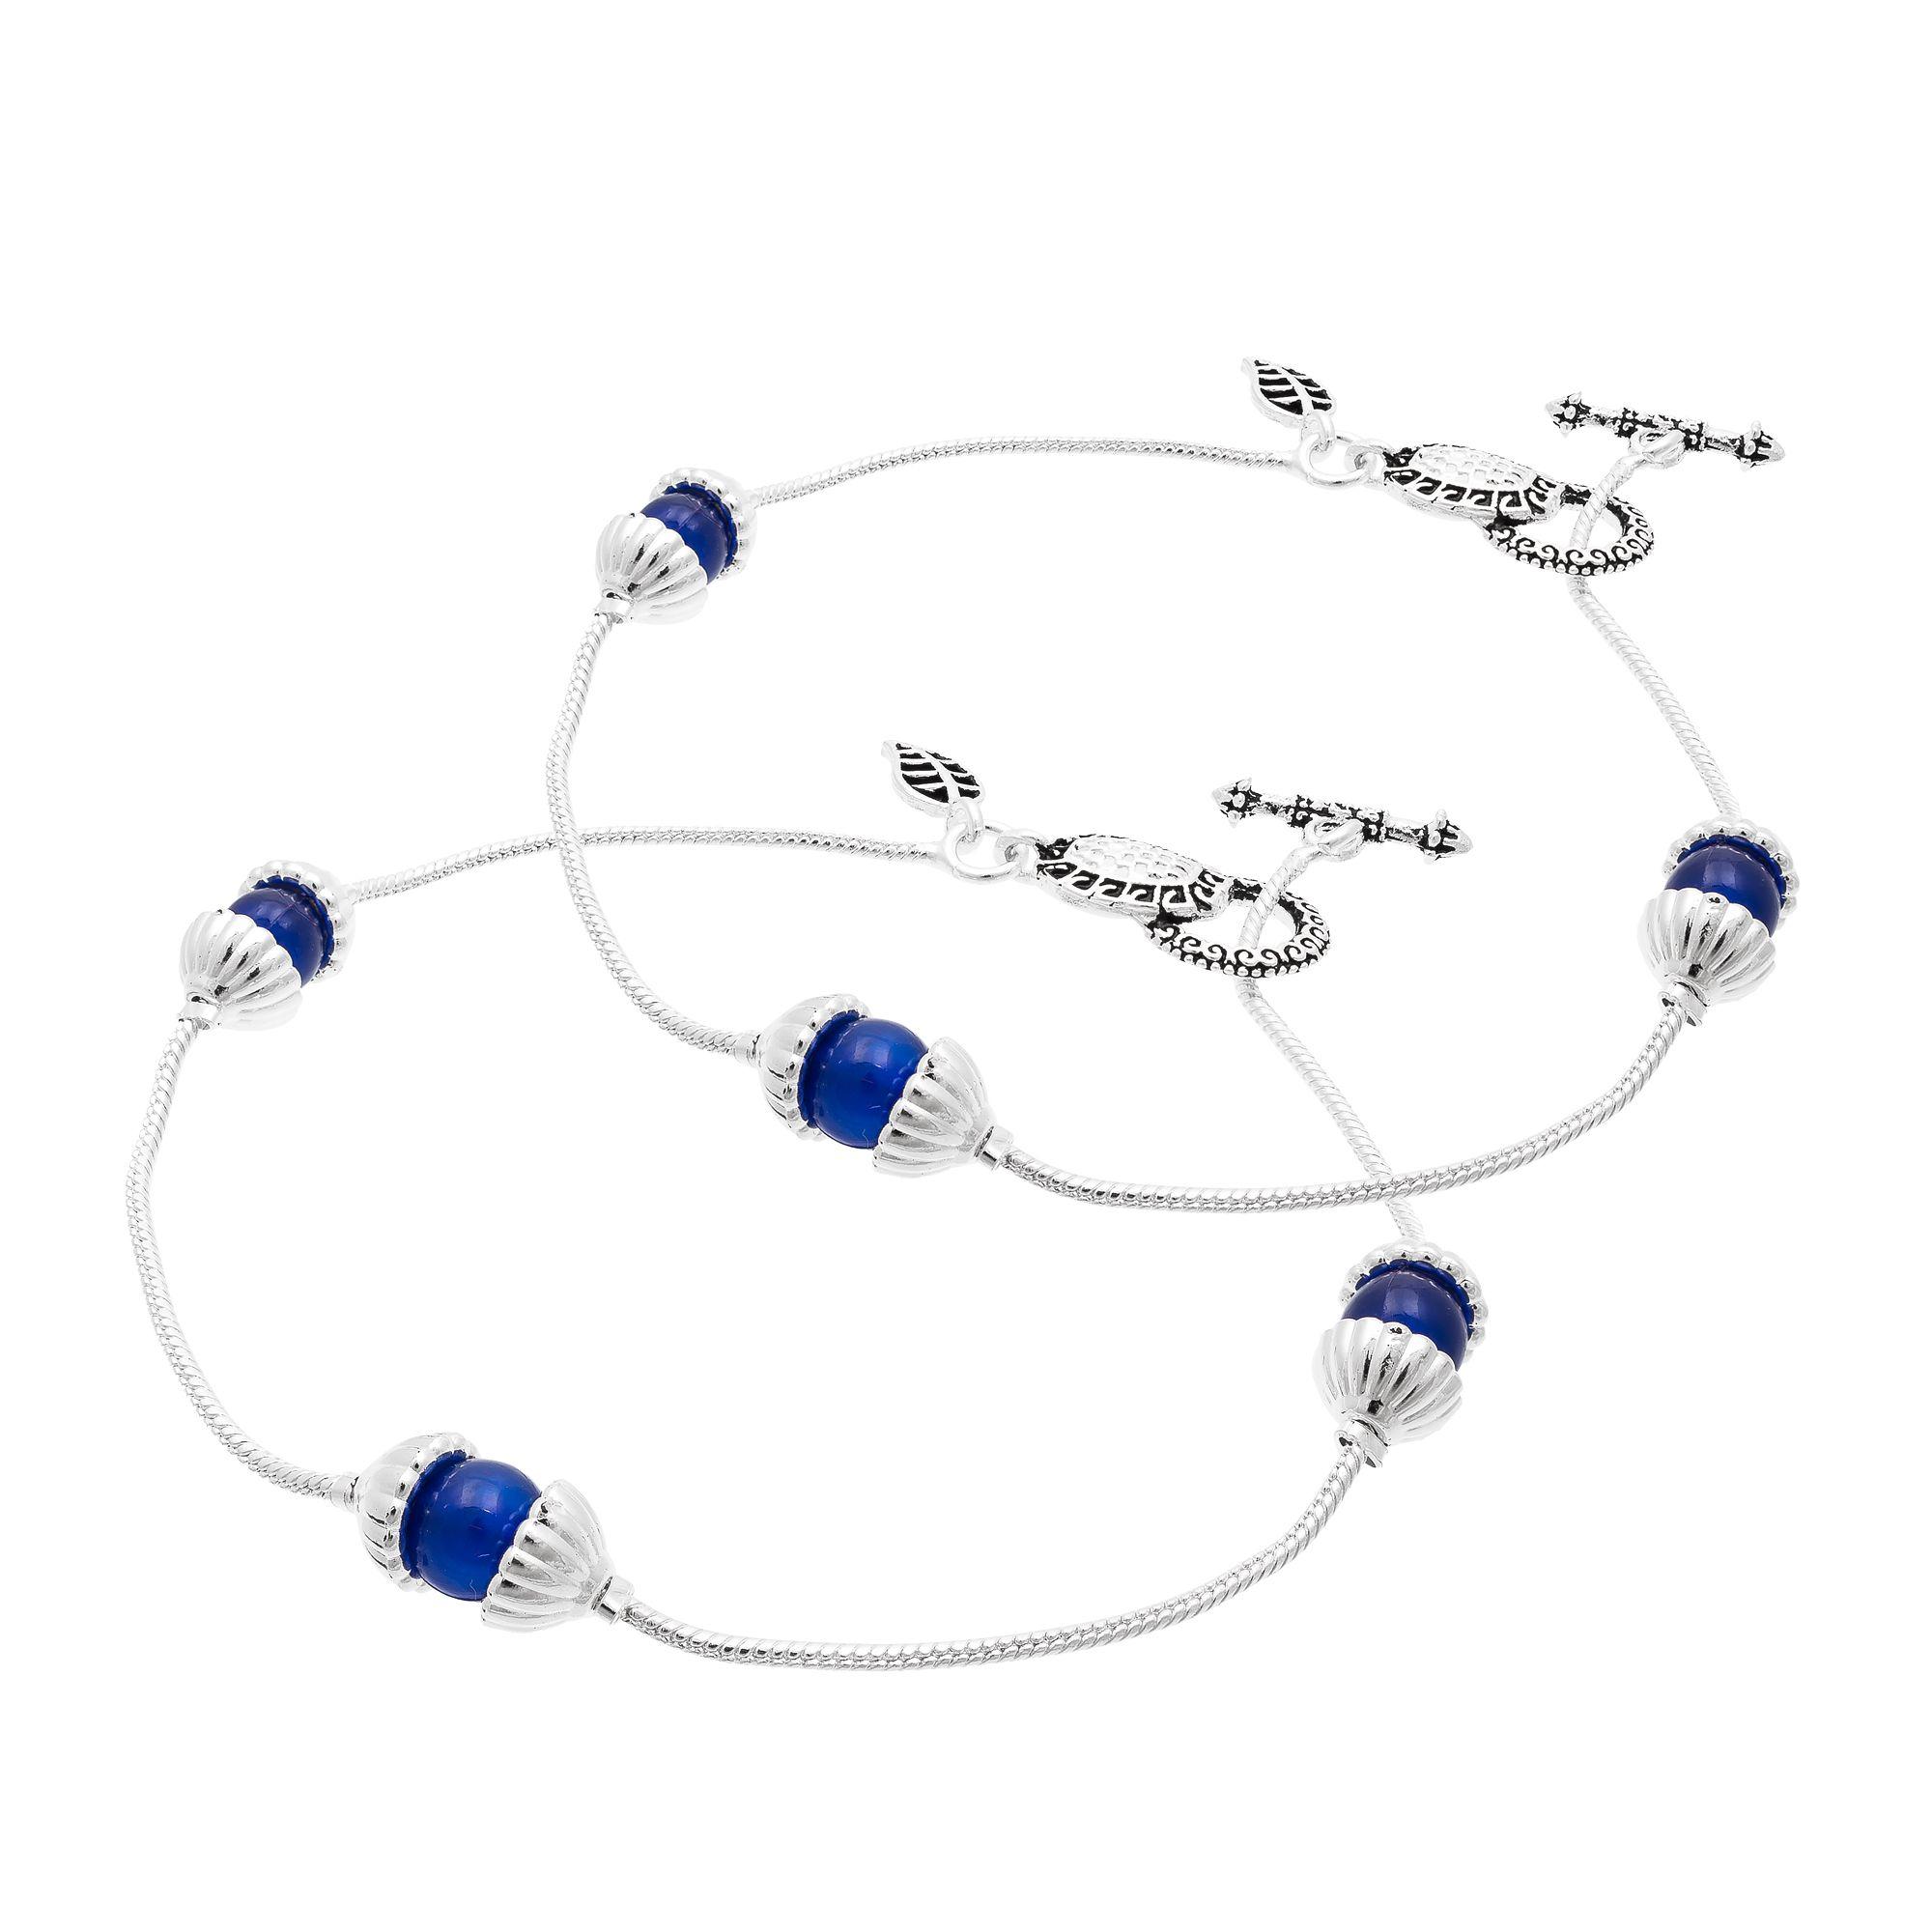 Pankh Silver and Blue Payal for Women AK-043